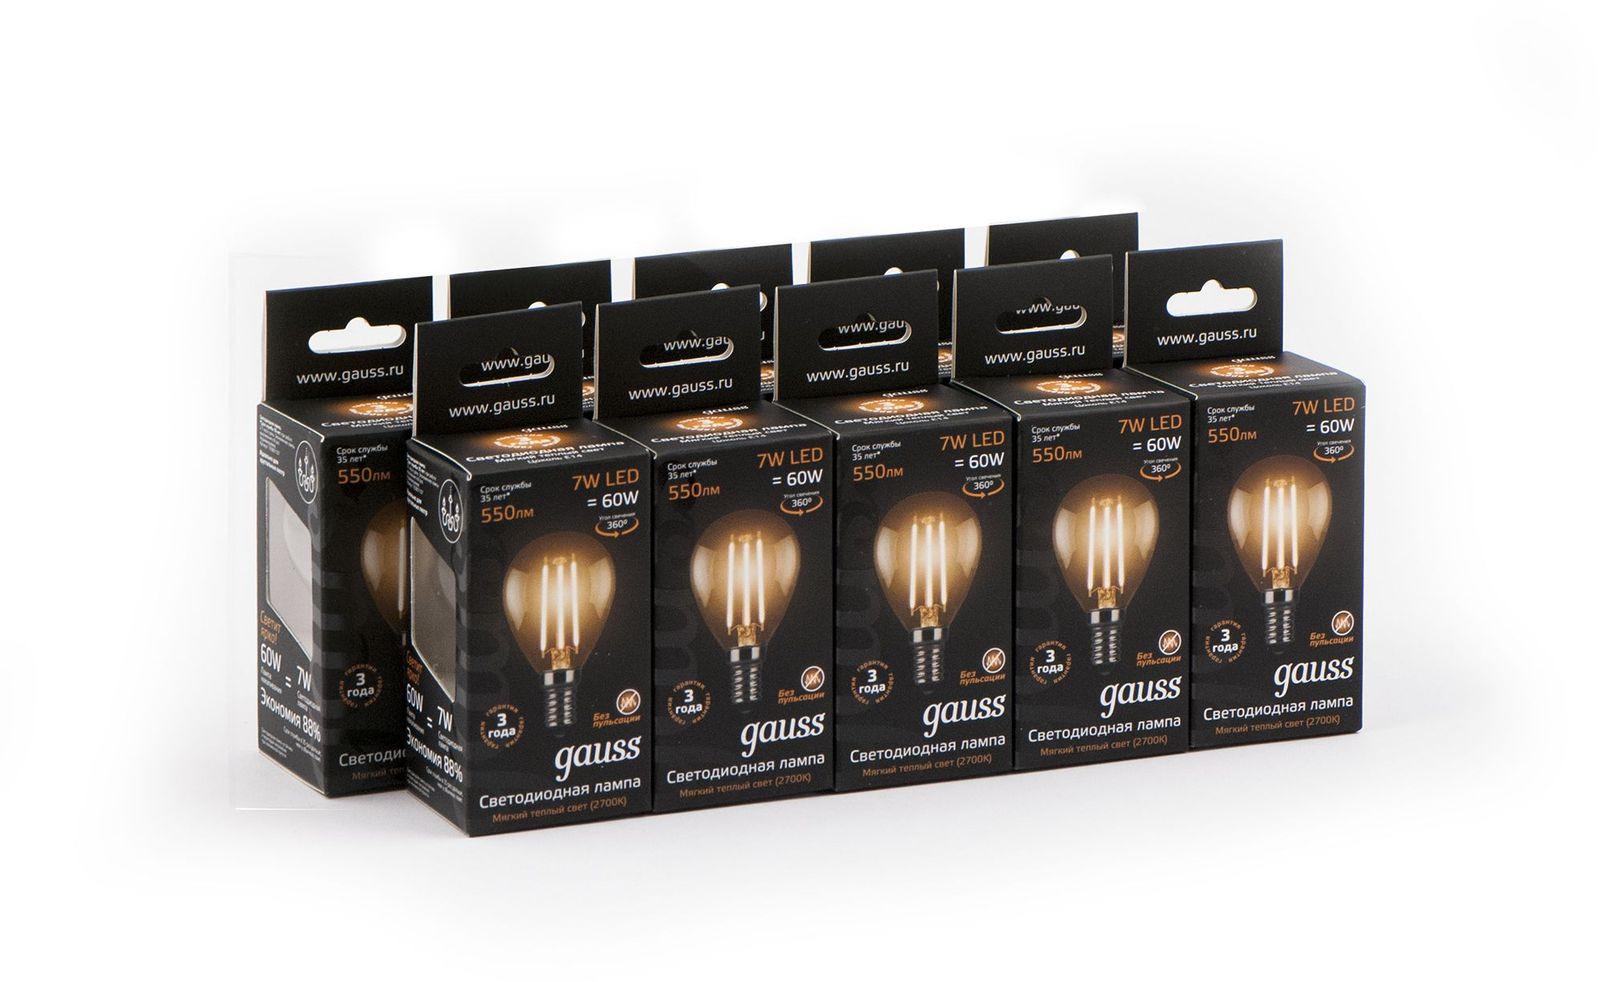 gauss лампа светодиодная gauss led filament candle e14 7w 2700к 1 10 50 103801107 Лампочка Gauss Светодиодная Black Filament Шар 10 шт, Теплый свет 7 Вт, Светодиодная